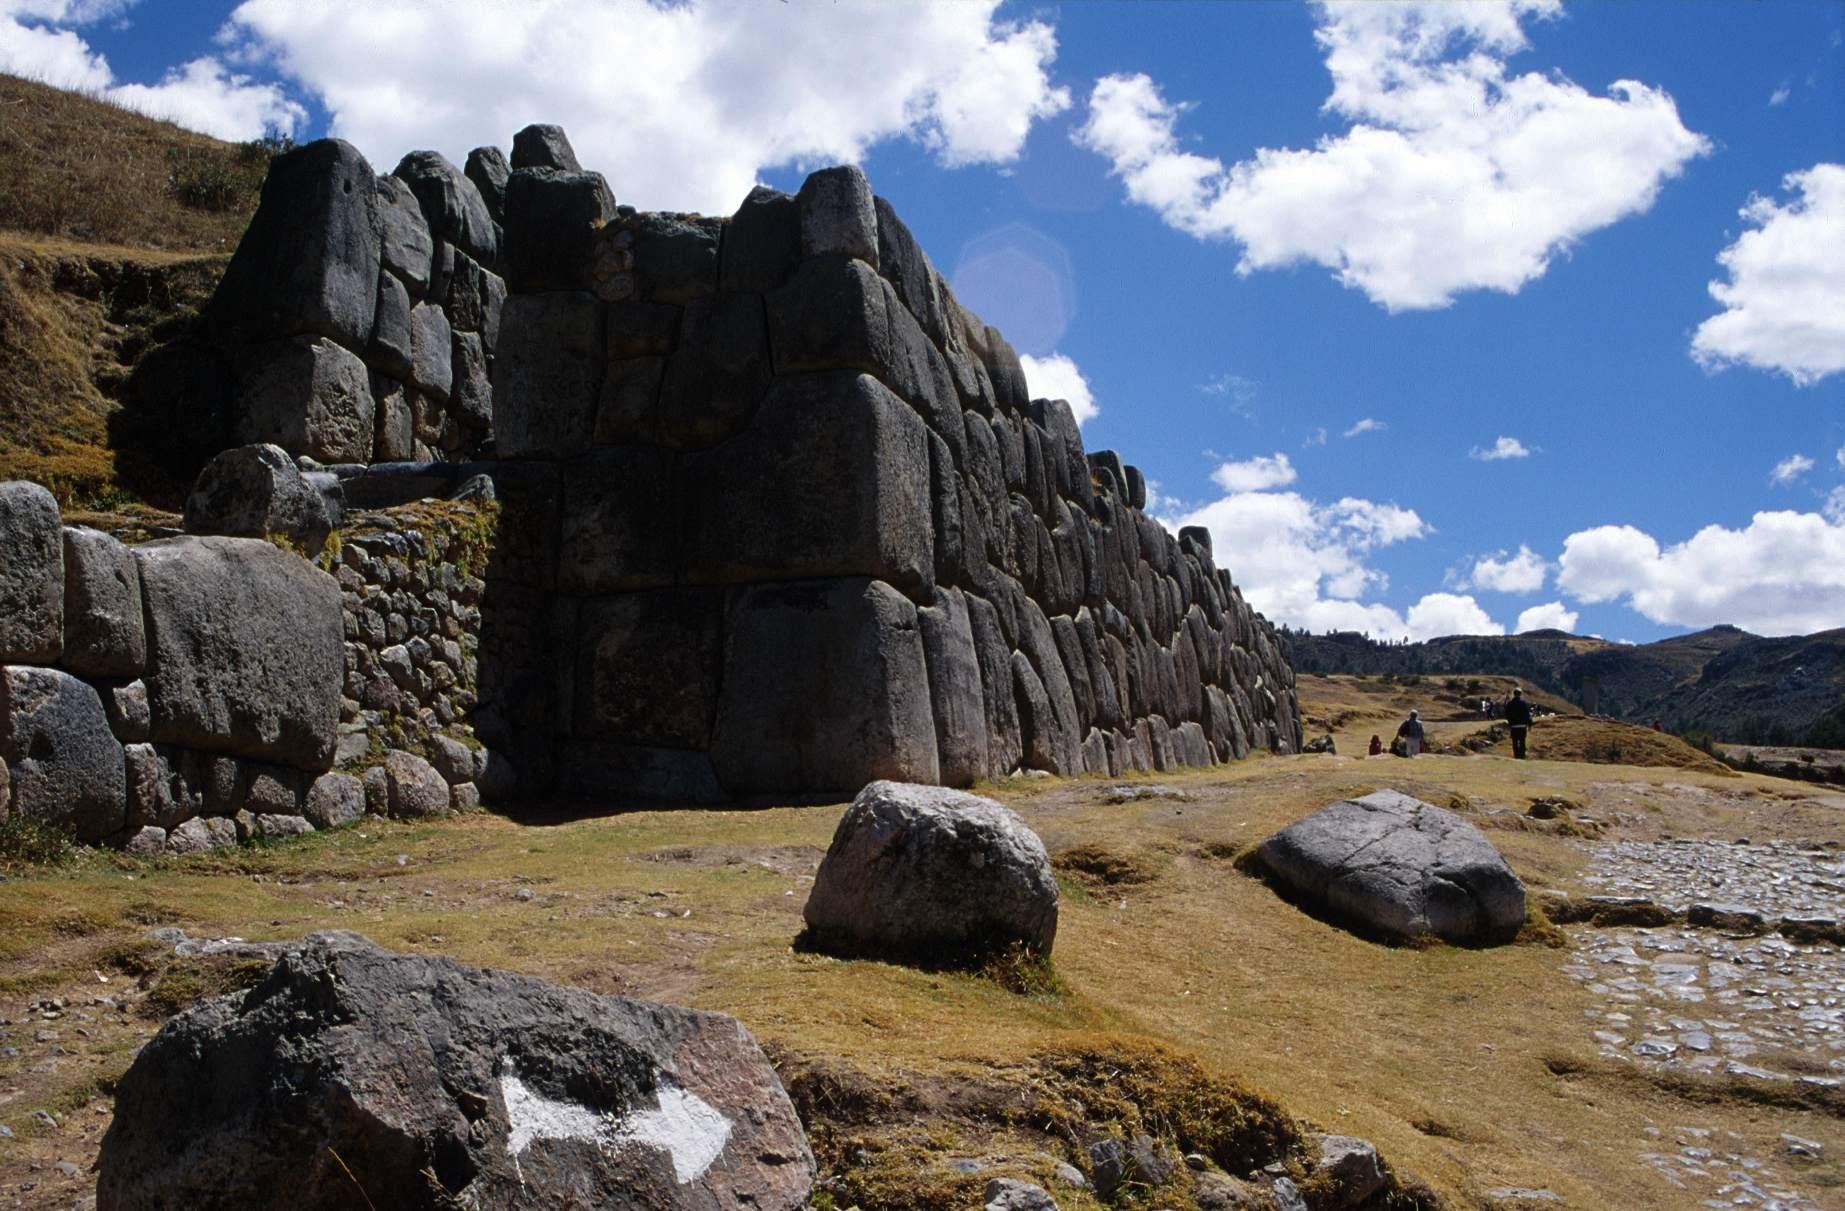 sacsayhuaman6 Sacsayhuaman   The Inca Ruins